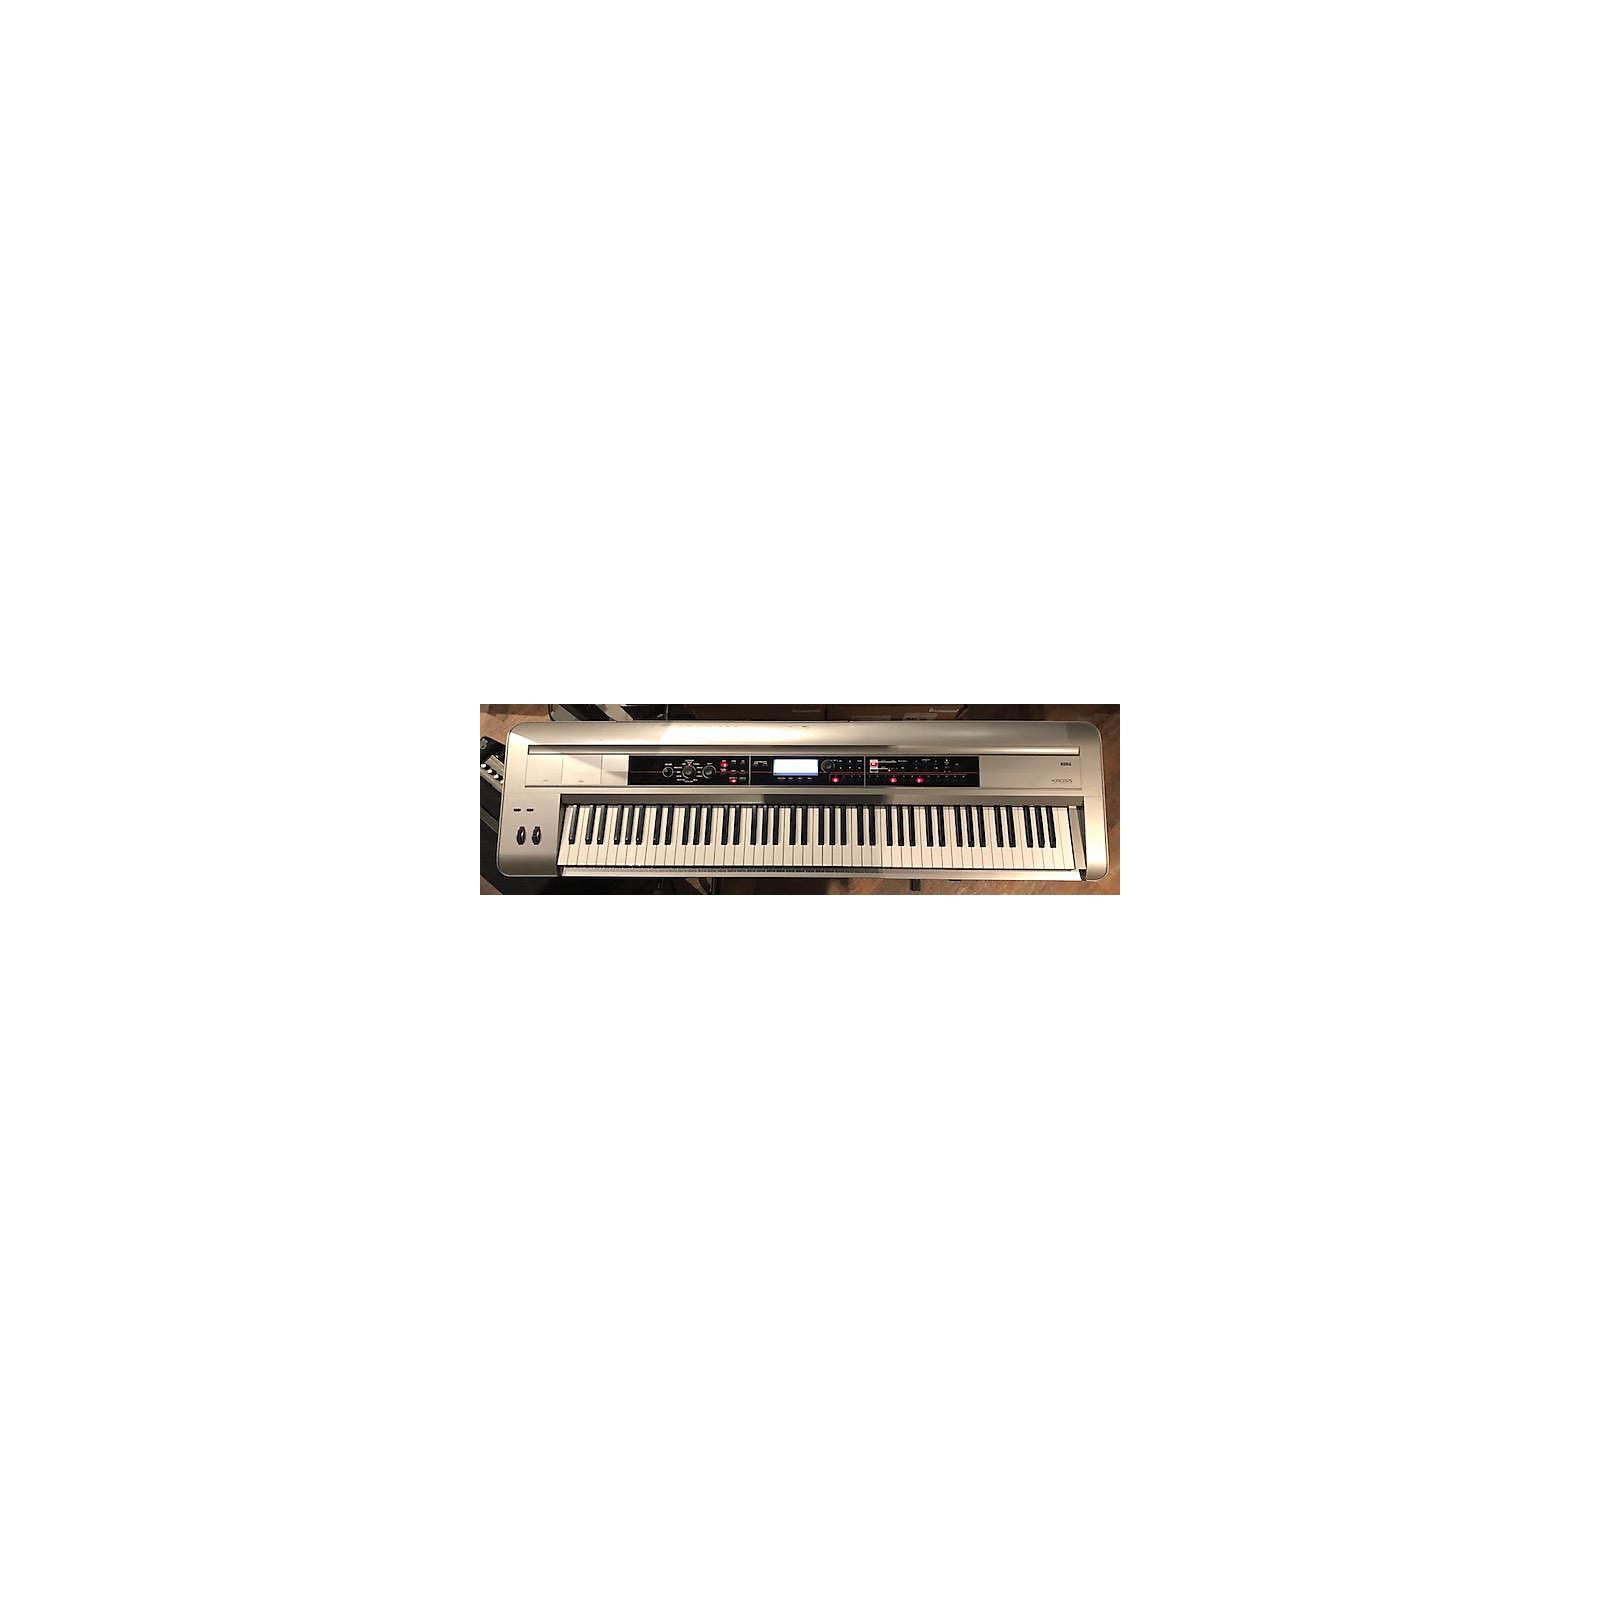 Korg KROSS88 Keyboard Workstation